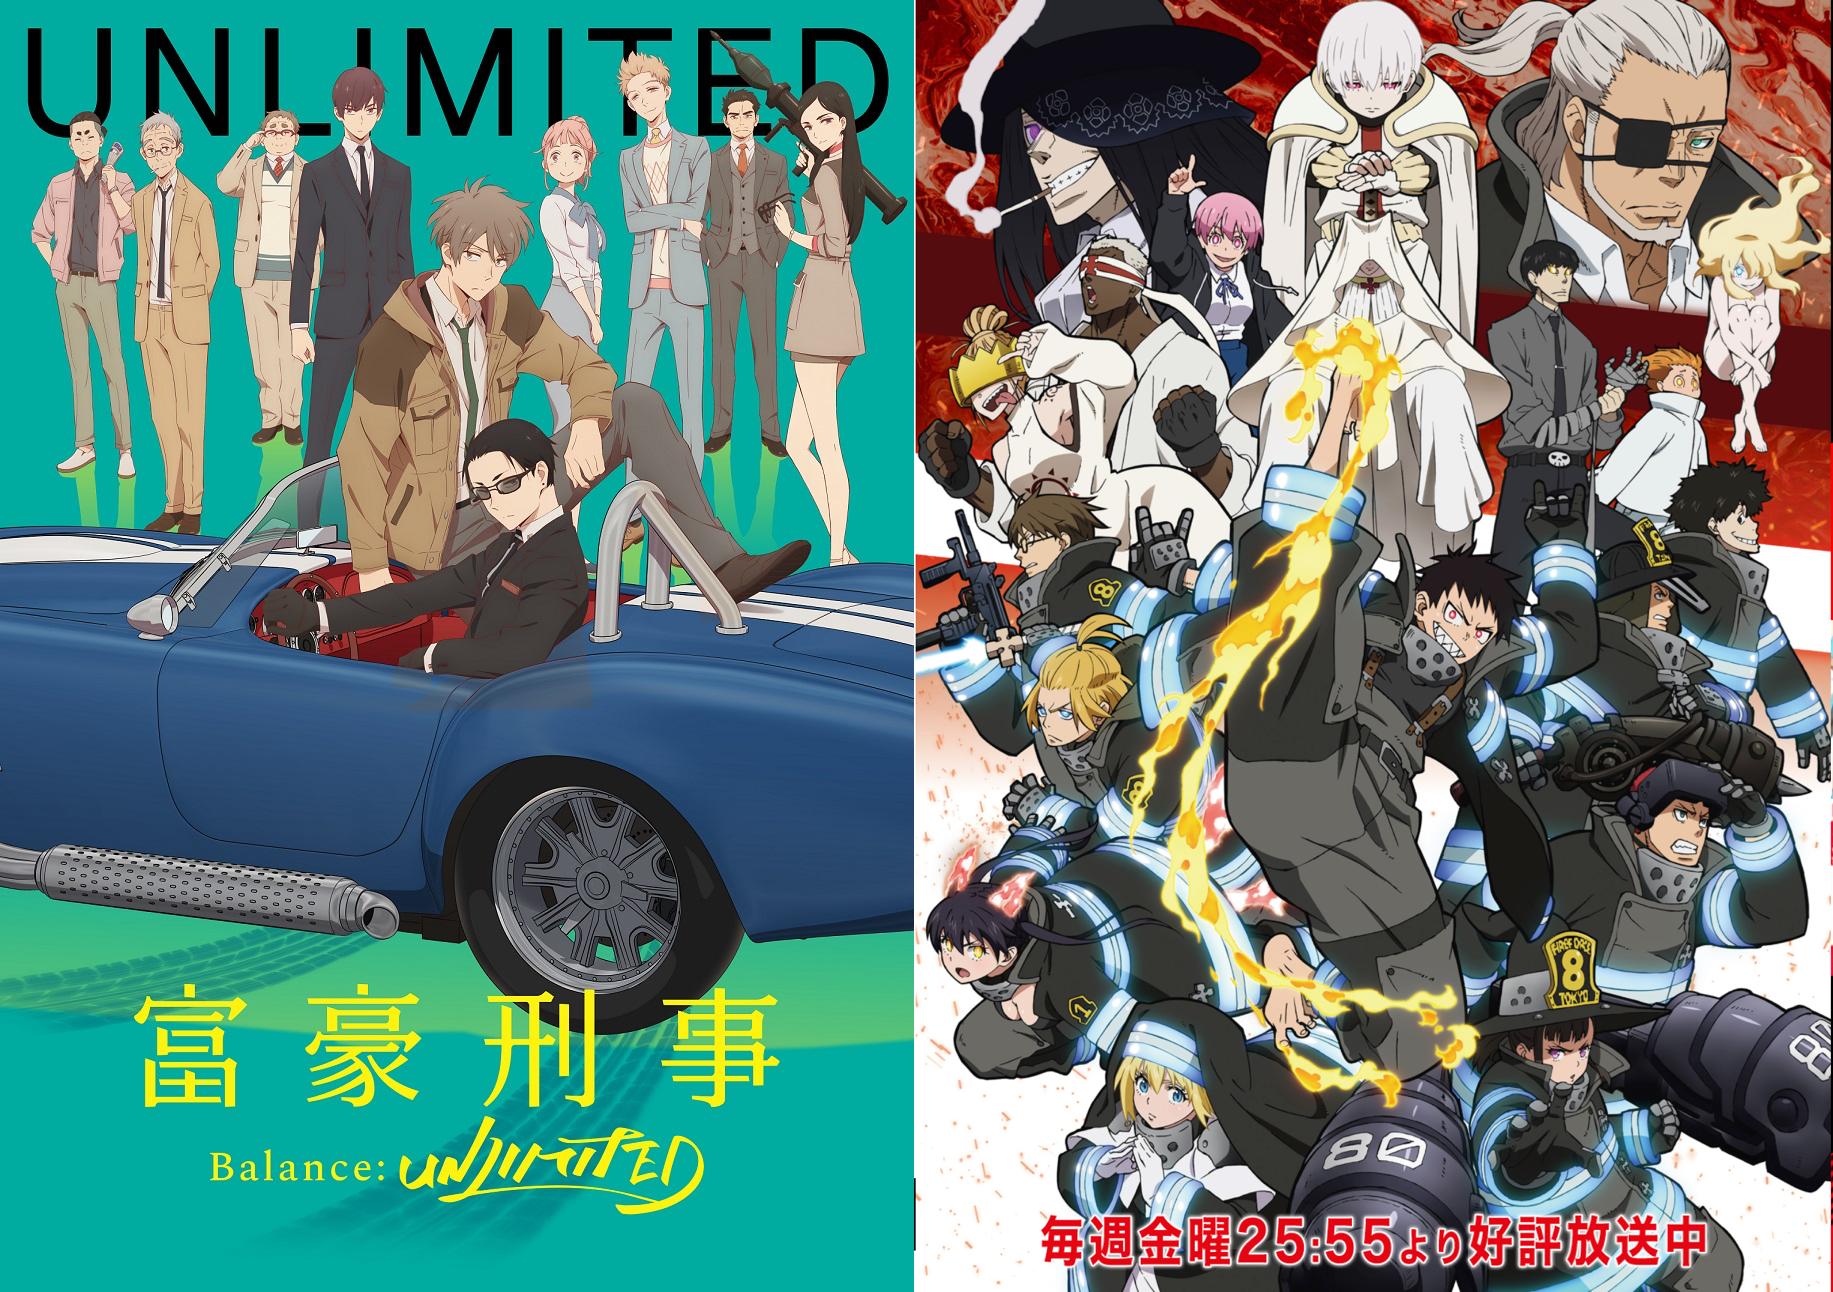 【2020年夏アニメ】にじめんユーザー期待度調査結果発表!1位はついに放送が再開される『富豪刑事』